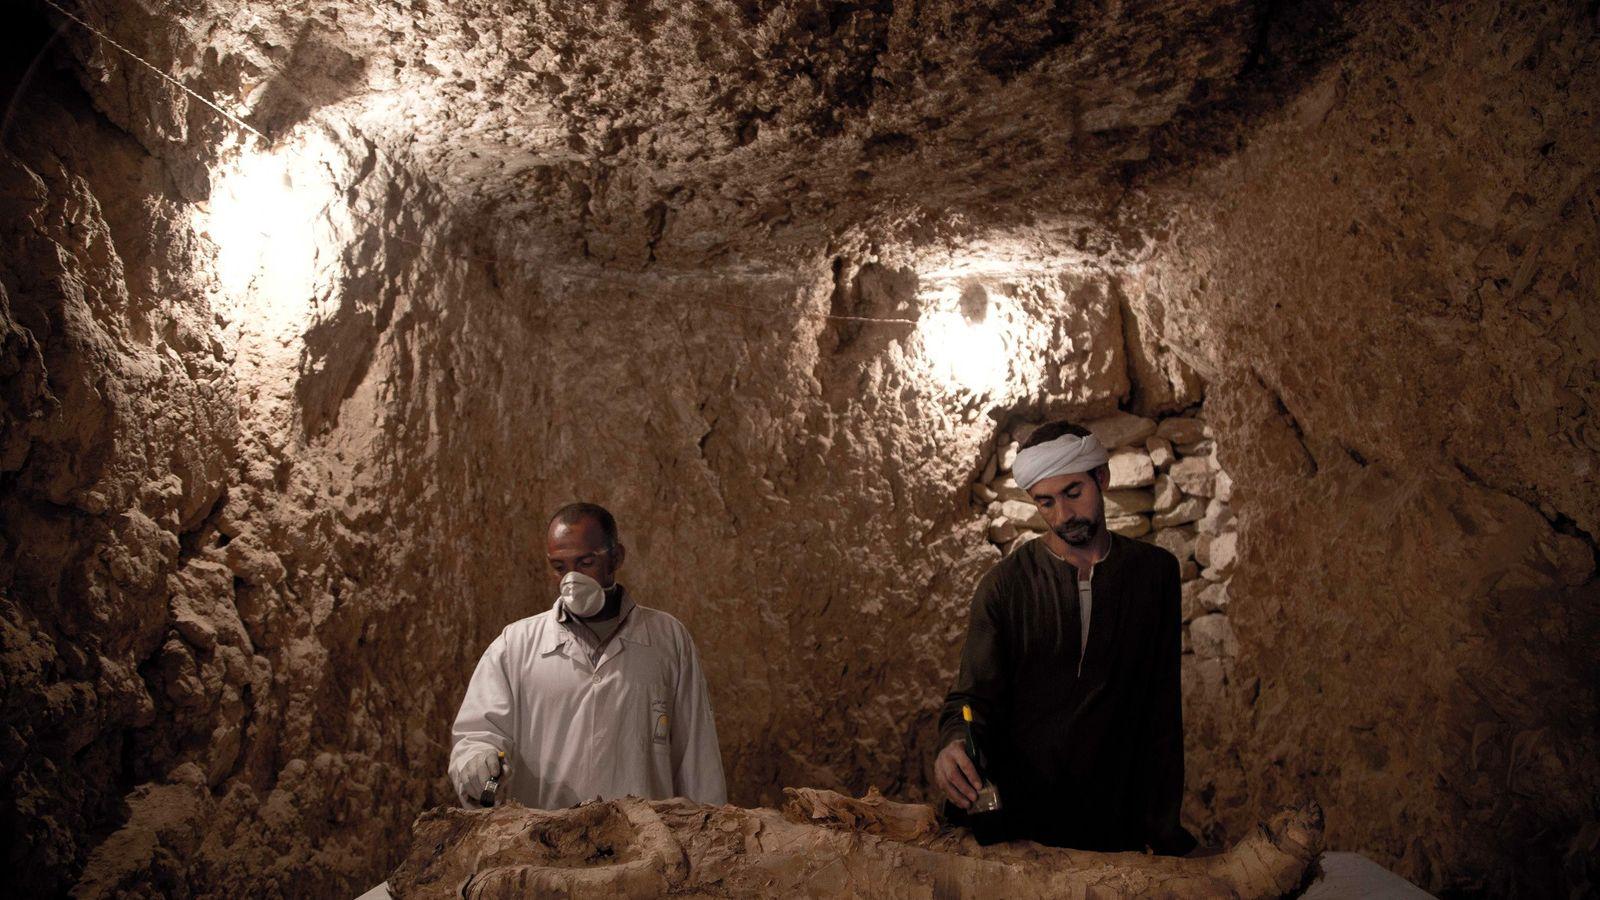 Deux ouvriers prennent soin d'une momie découverte dans un tombeau de 3 500 ans, à Louxor.